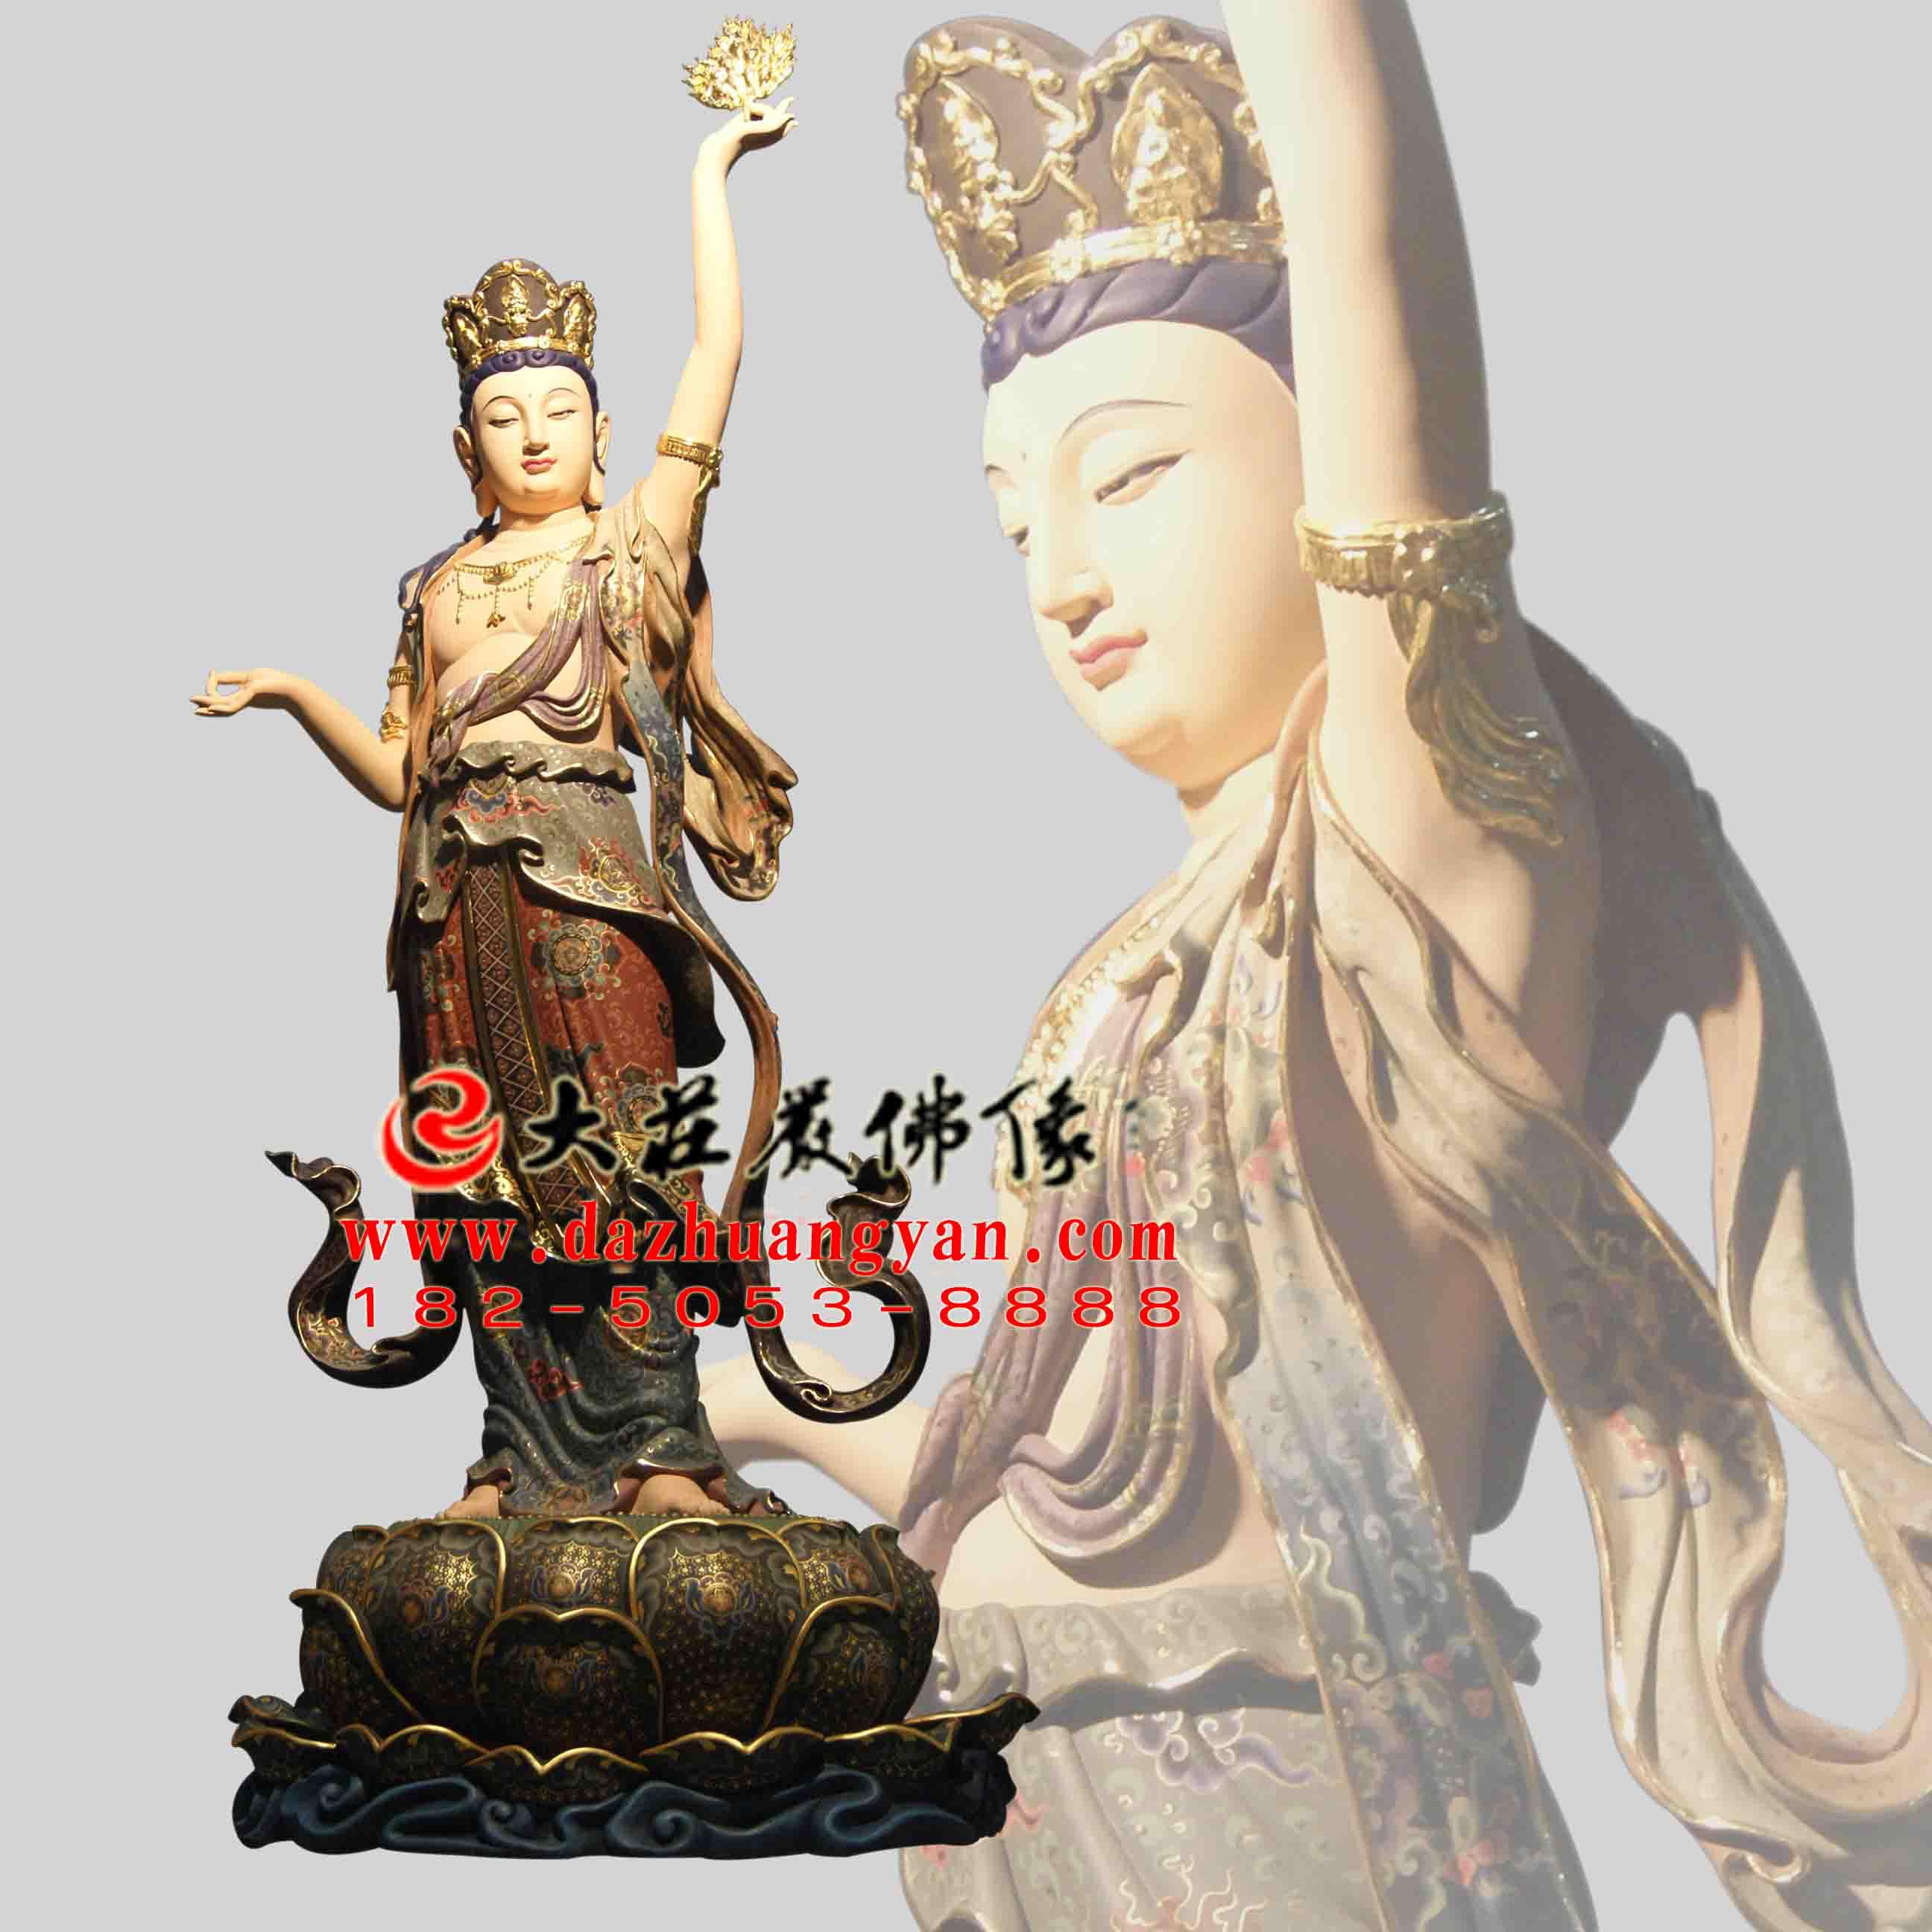 八大菩萨之虚空藏菩萨彩绘佛像【1708】